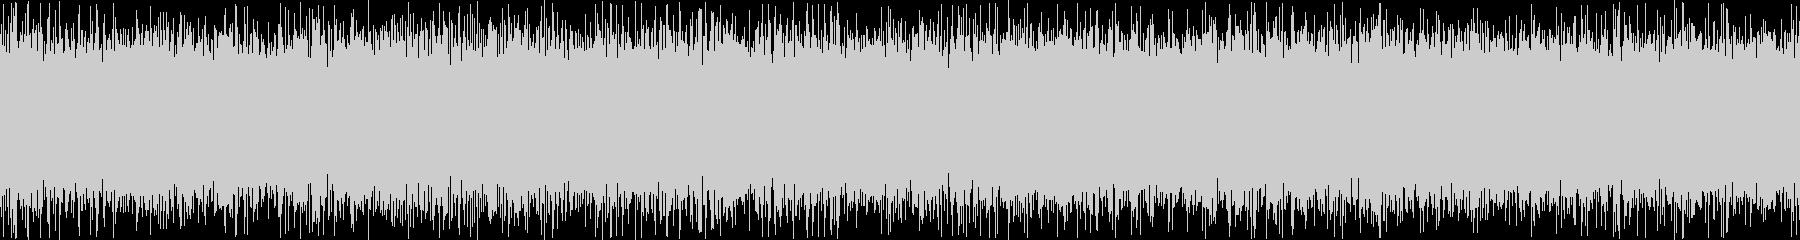 ザァー(FMラジオのノイズE)ループ処理の未再生の波形